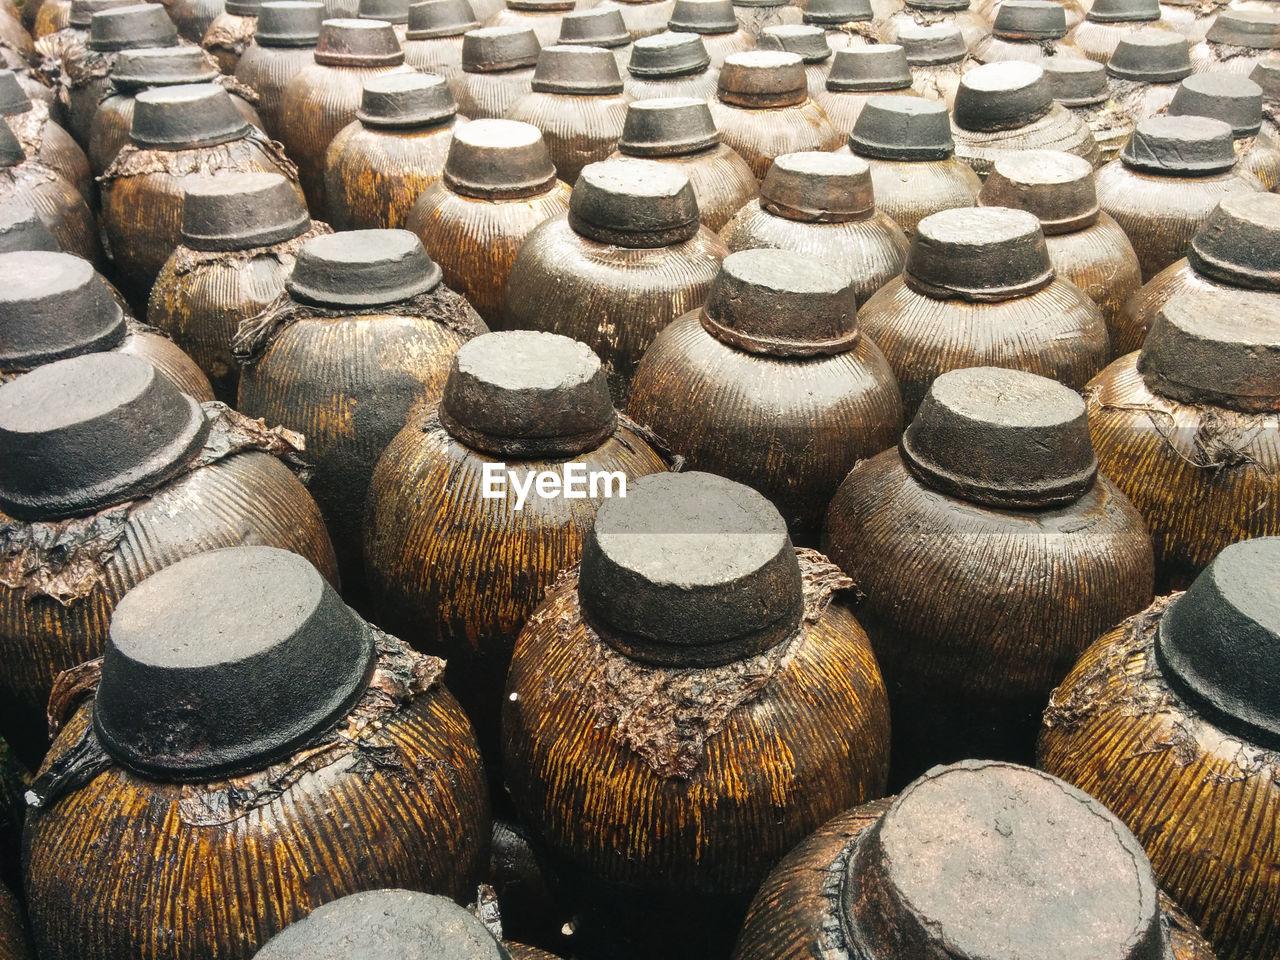 Jugs of distilled liquor at distillery in wuzhen